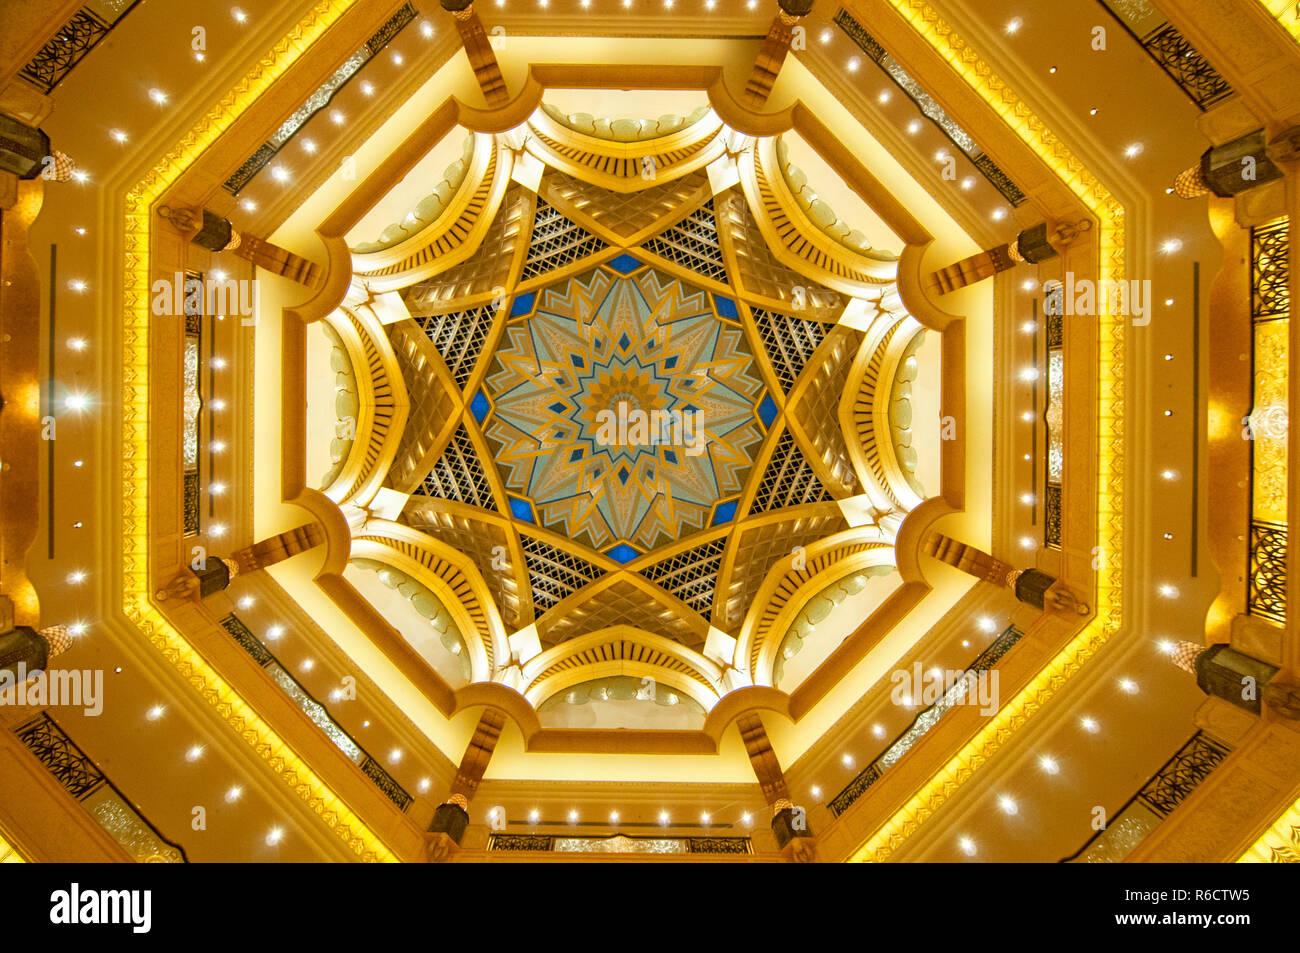 Dome Dekoration Im Emirates Palace Hotel Ein Luxuriöses Und Den